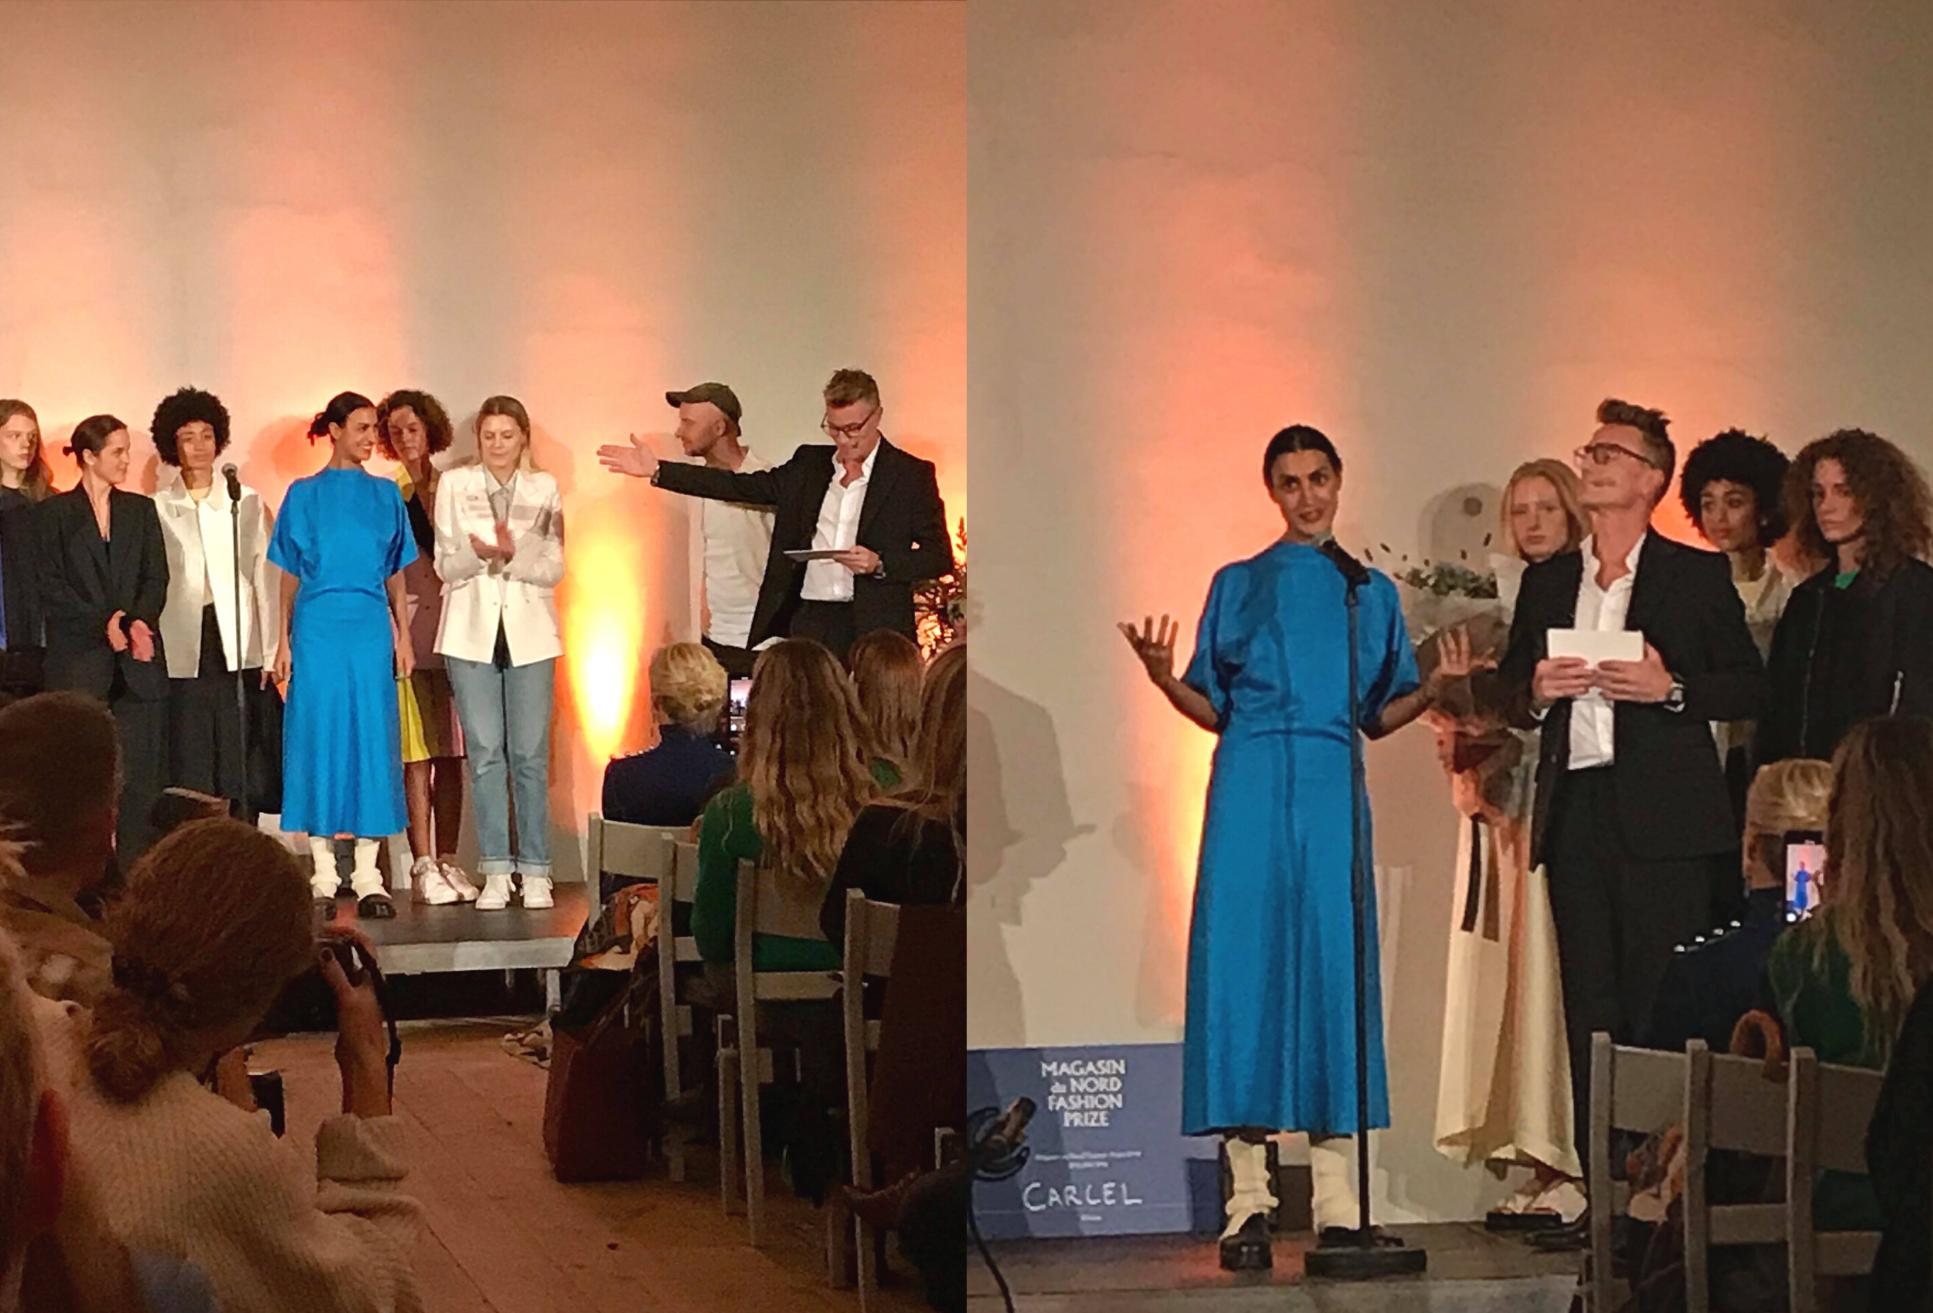 Carcel vinder Magasin Du Nord Fashion Pris 2019.